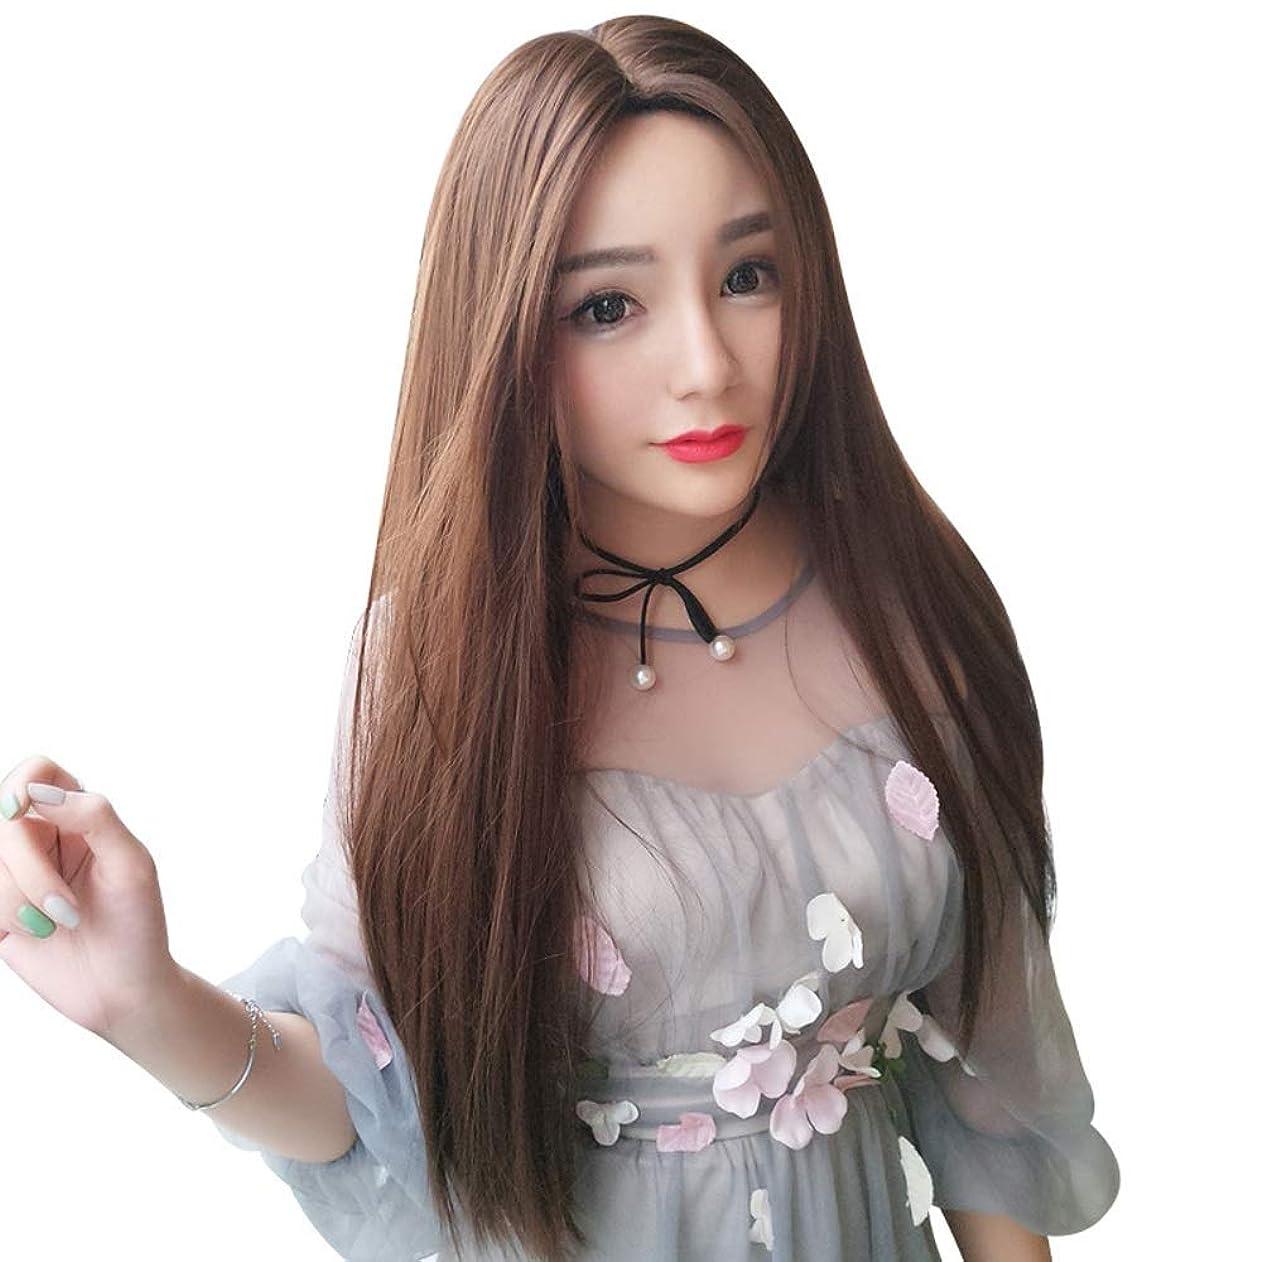 SRY-Wigファッション 前髪耐熱髪の女性アフロロングストレートかつらのファッションチョコレート合成レースフロントかつら